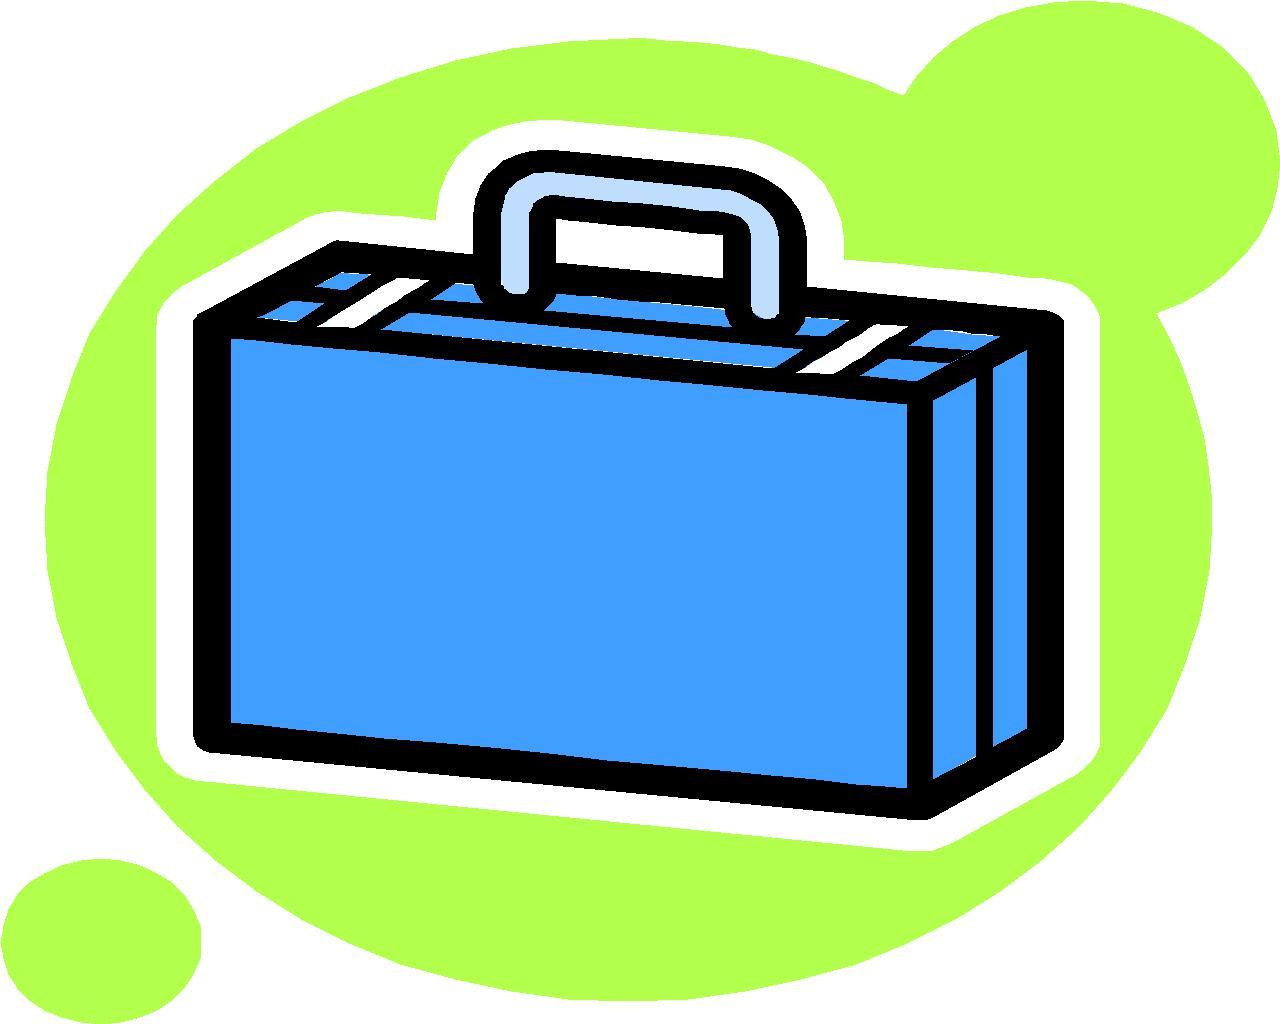 bavul-hareketli-resim-0005